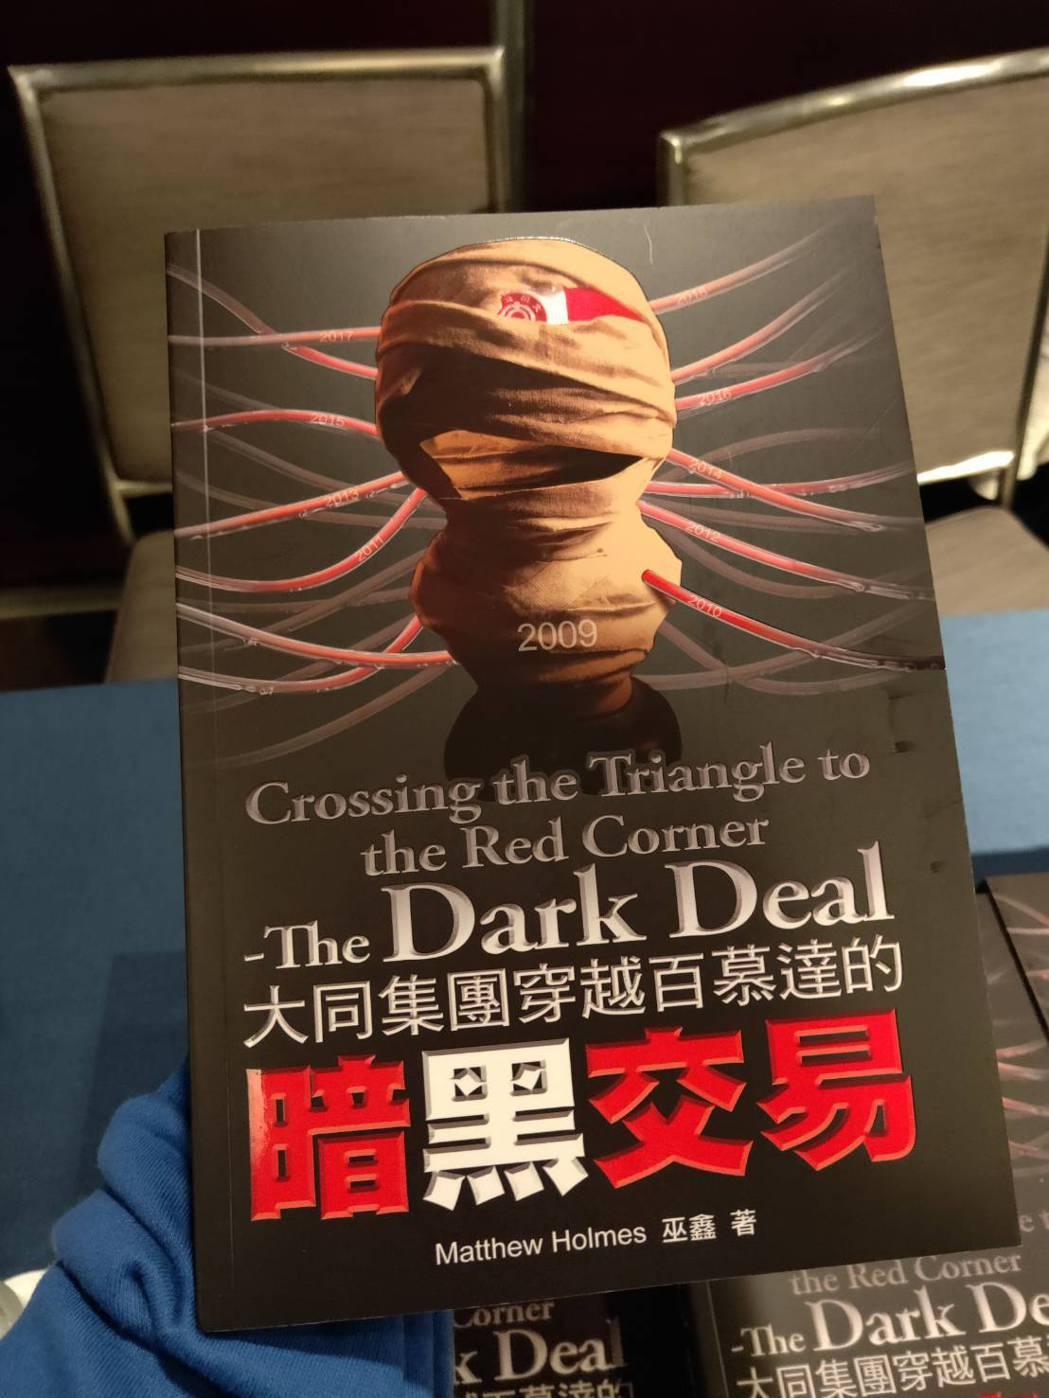 會計界柯南巫鑫新書「暗黑交易」揭密大同華映神秘交易。 巫鑫/提供